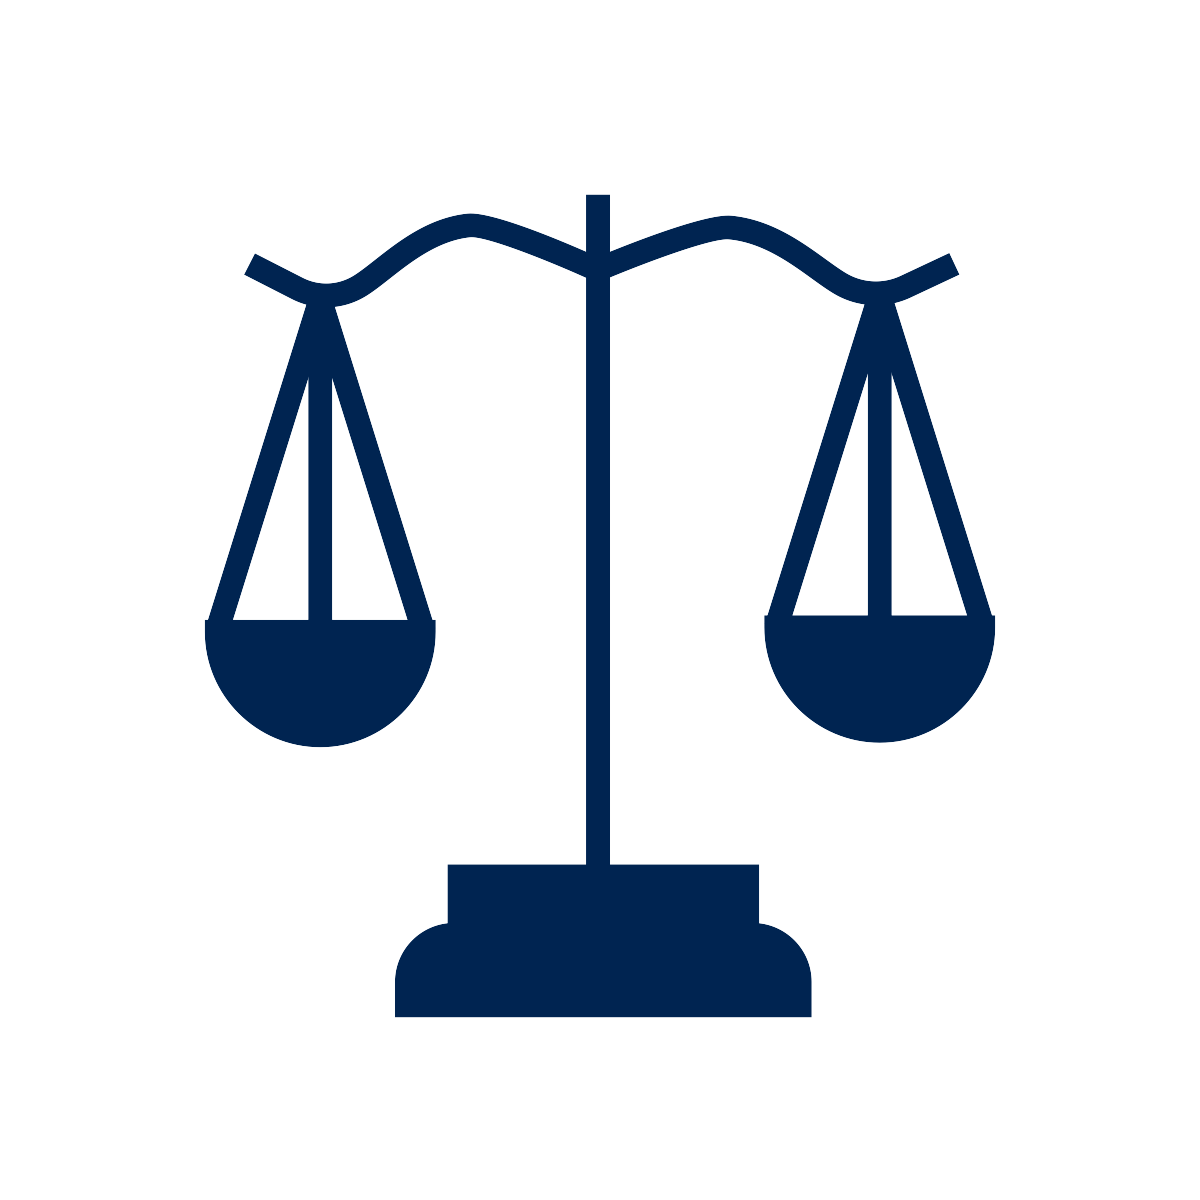 noun_Justice_1932061_002451.png